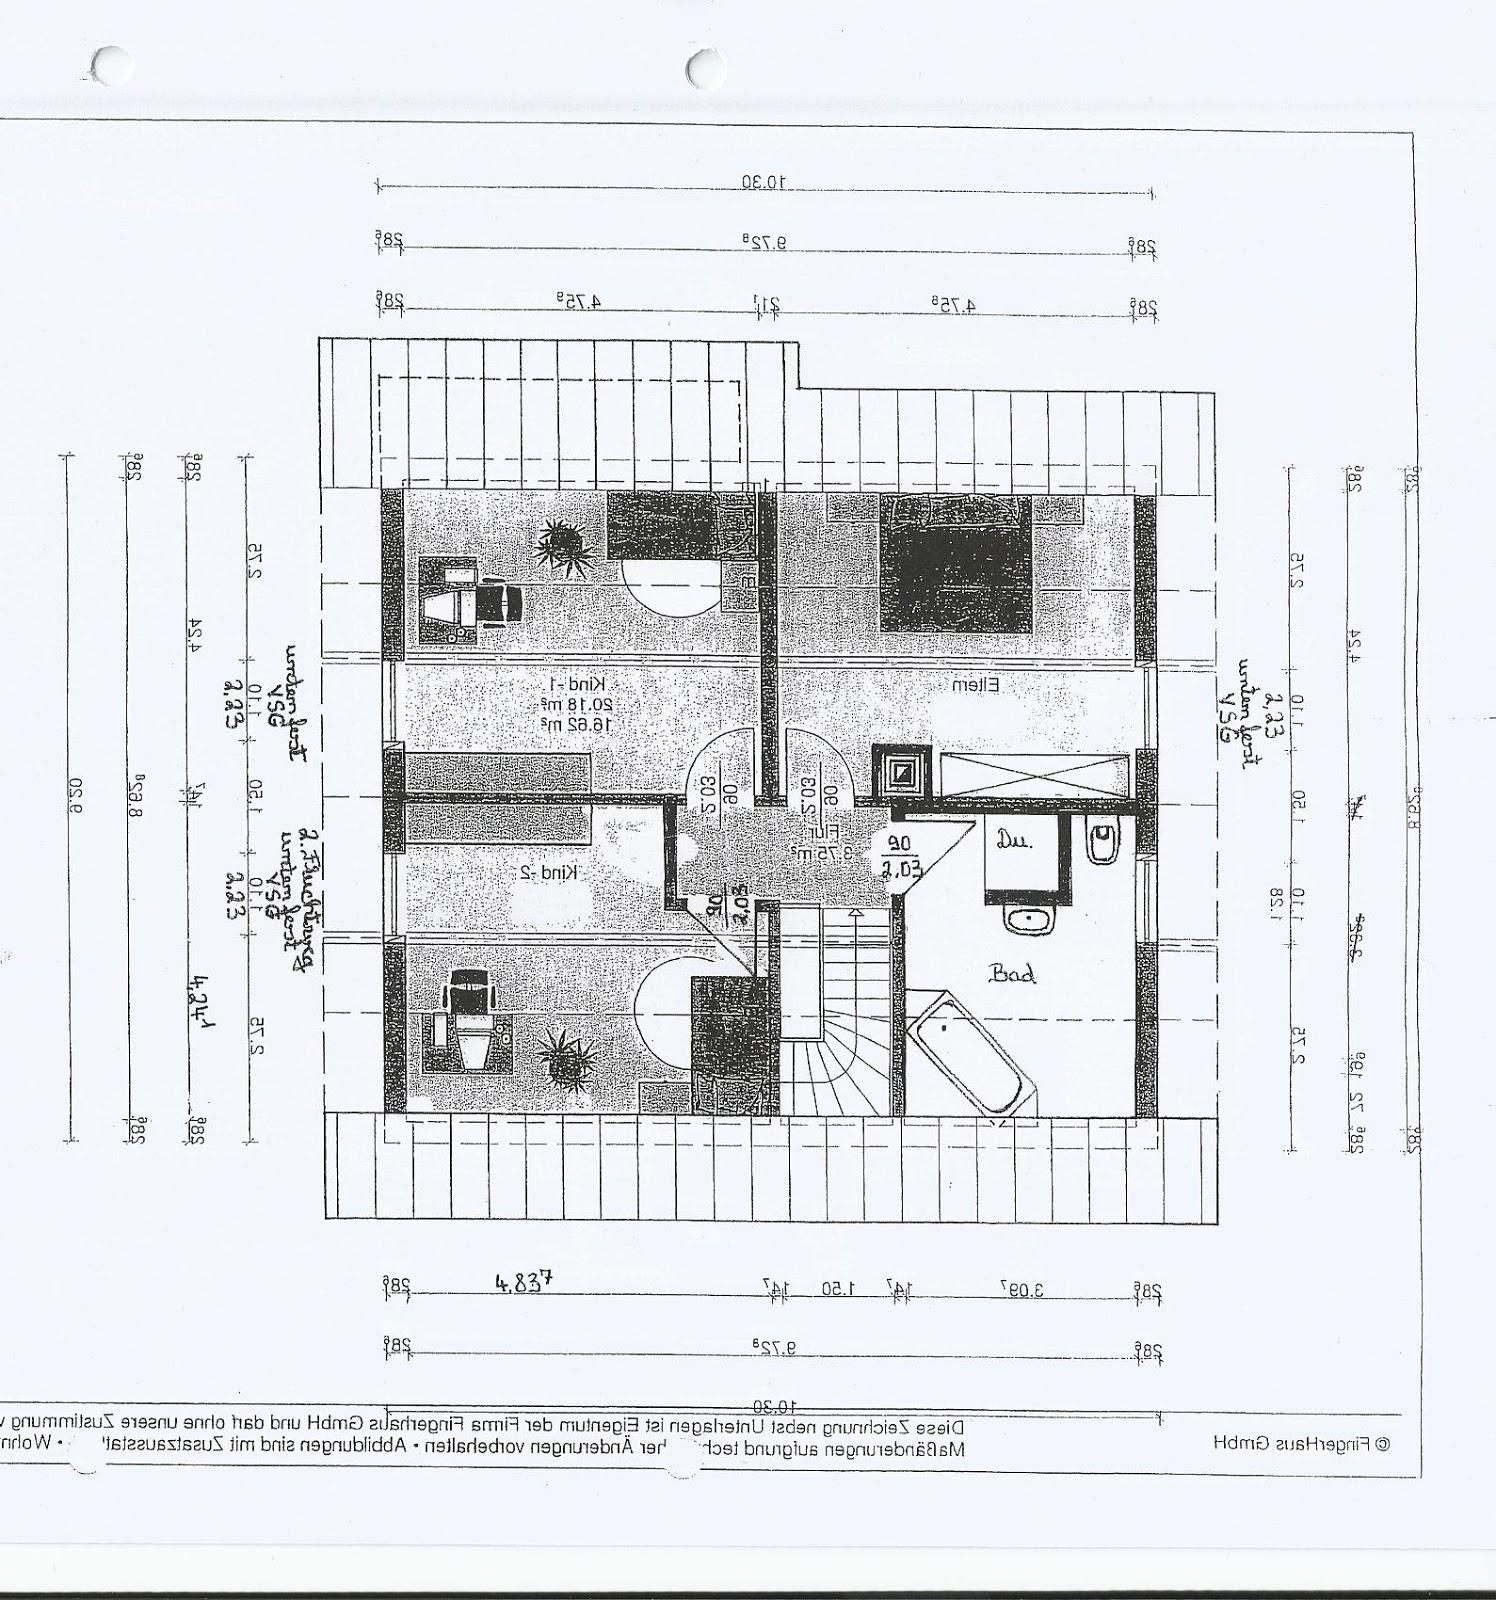 Fingerhaus neo grundriss  Unser Bautagebuch: Architektengespräch